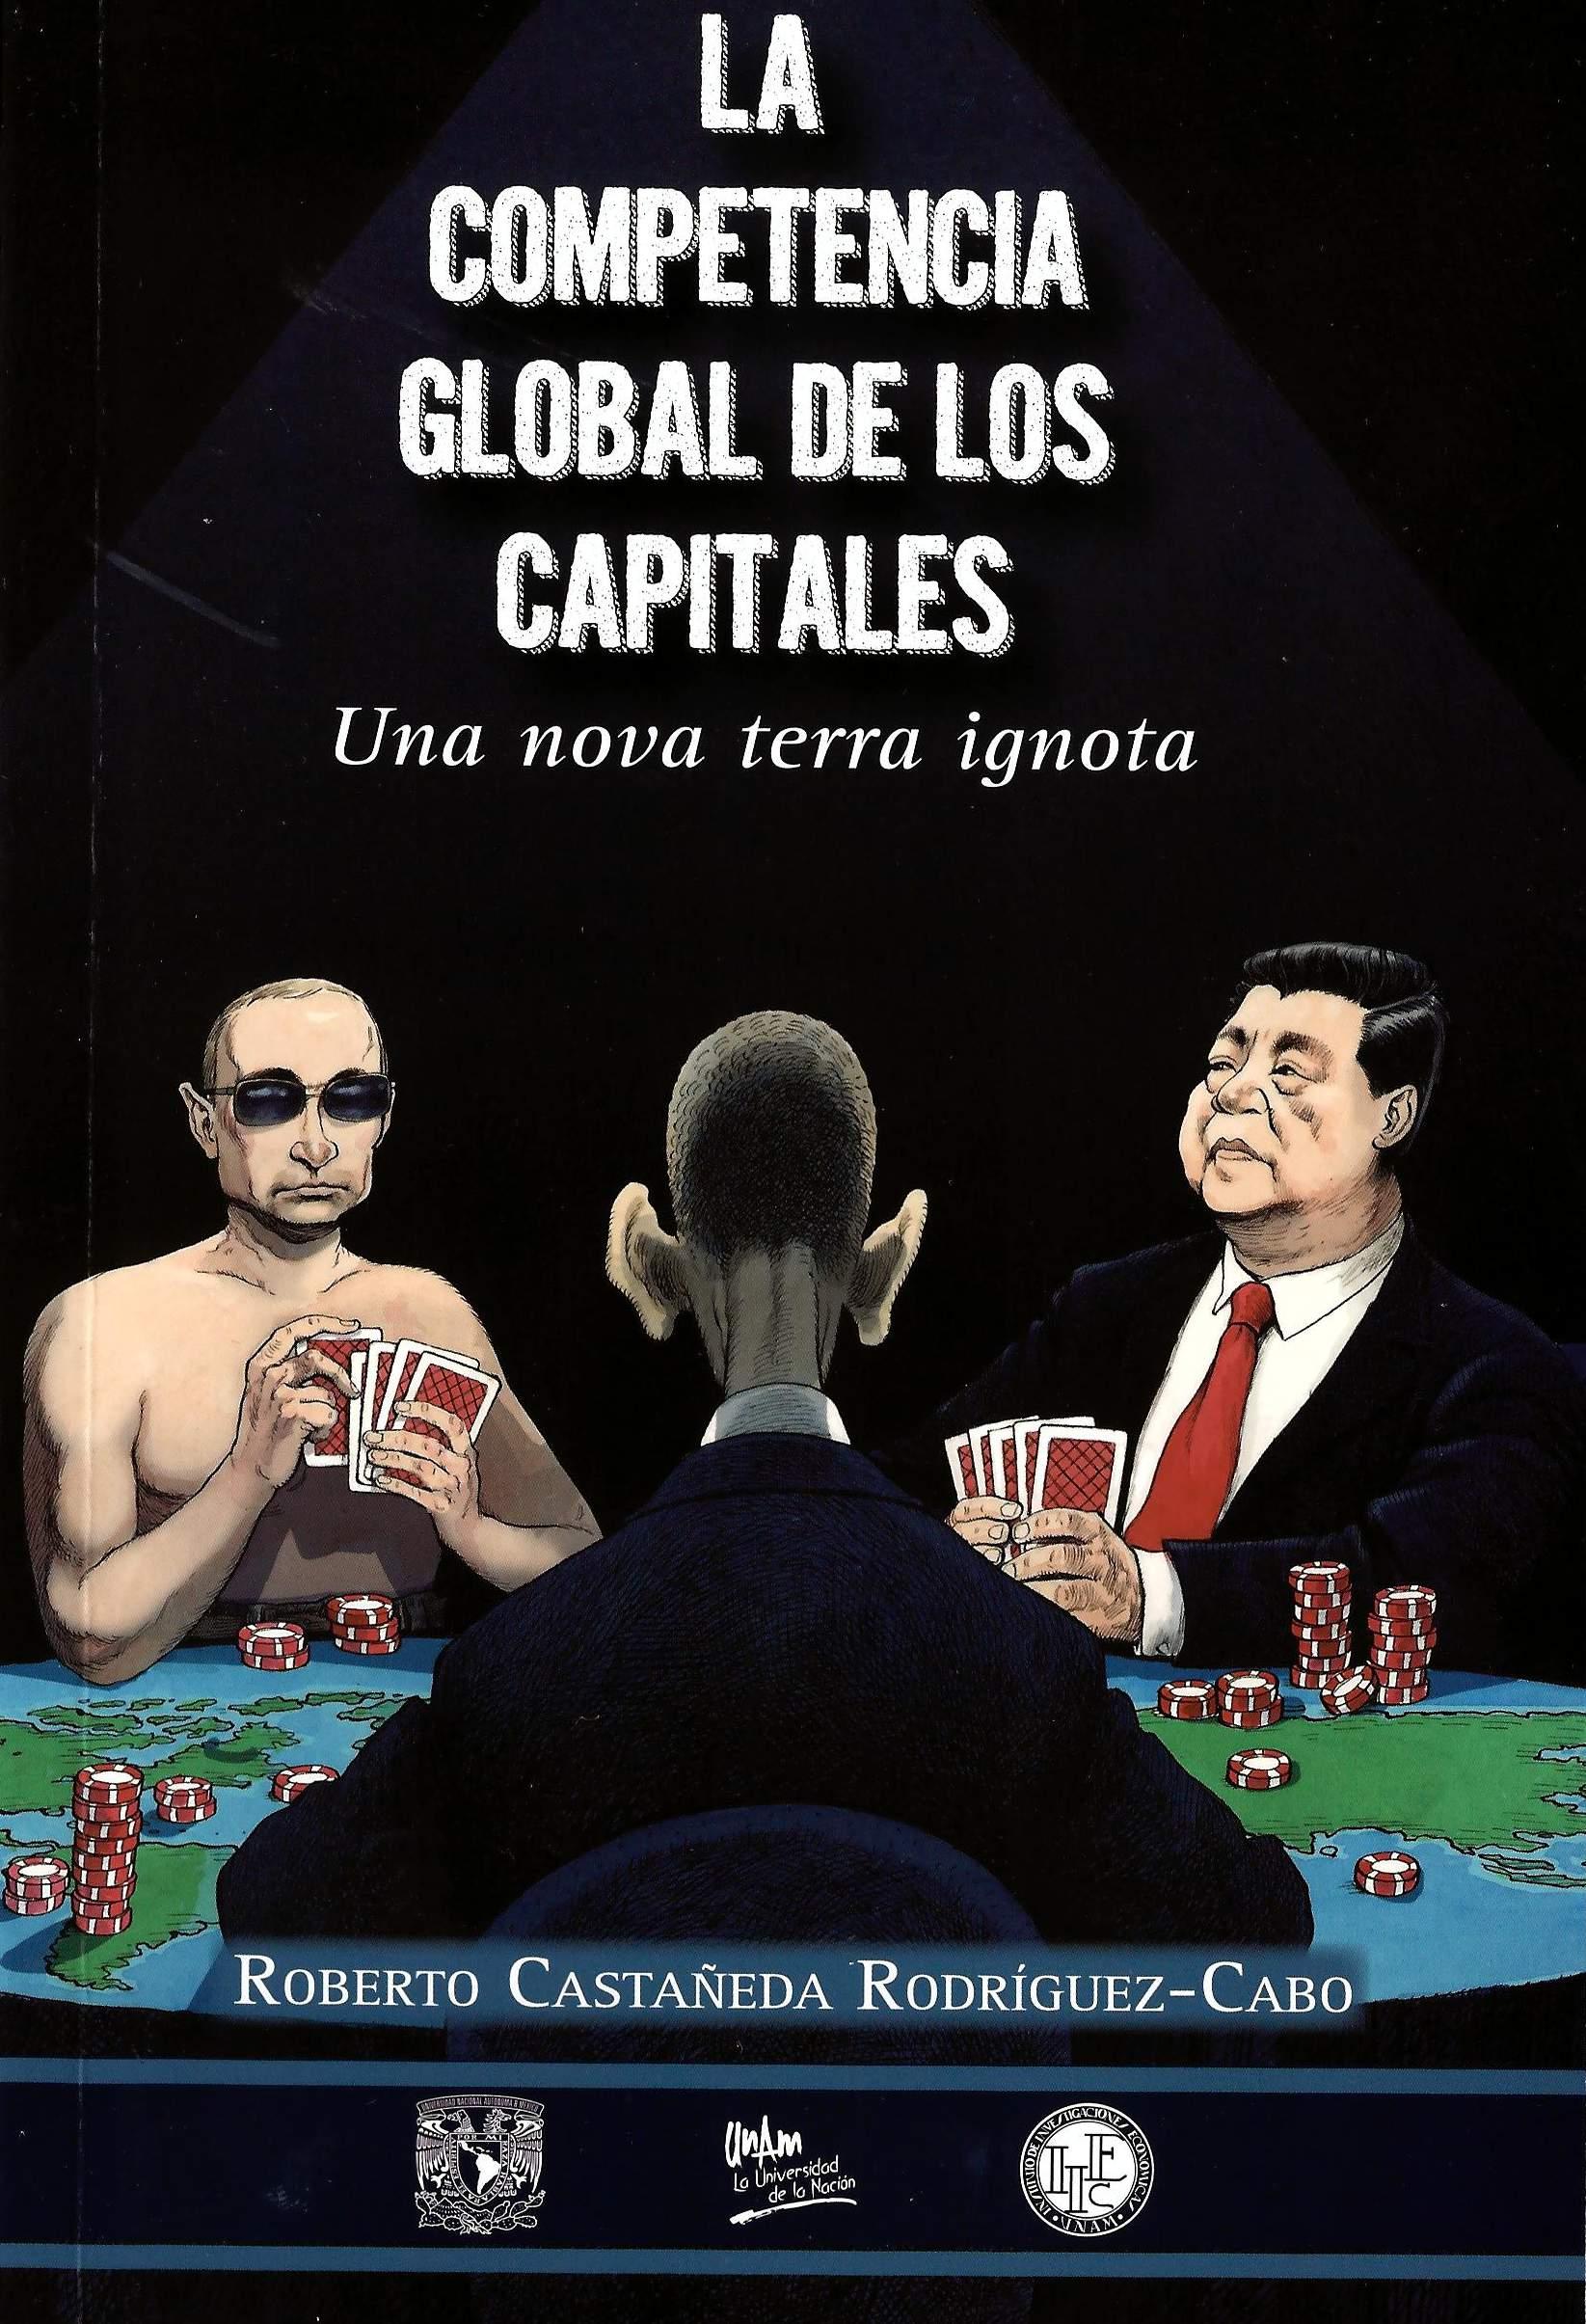 La competencia global de los capitales. Una nova terra ignota